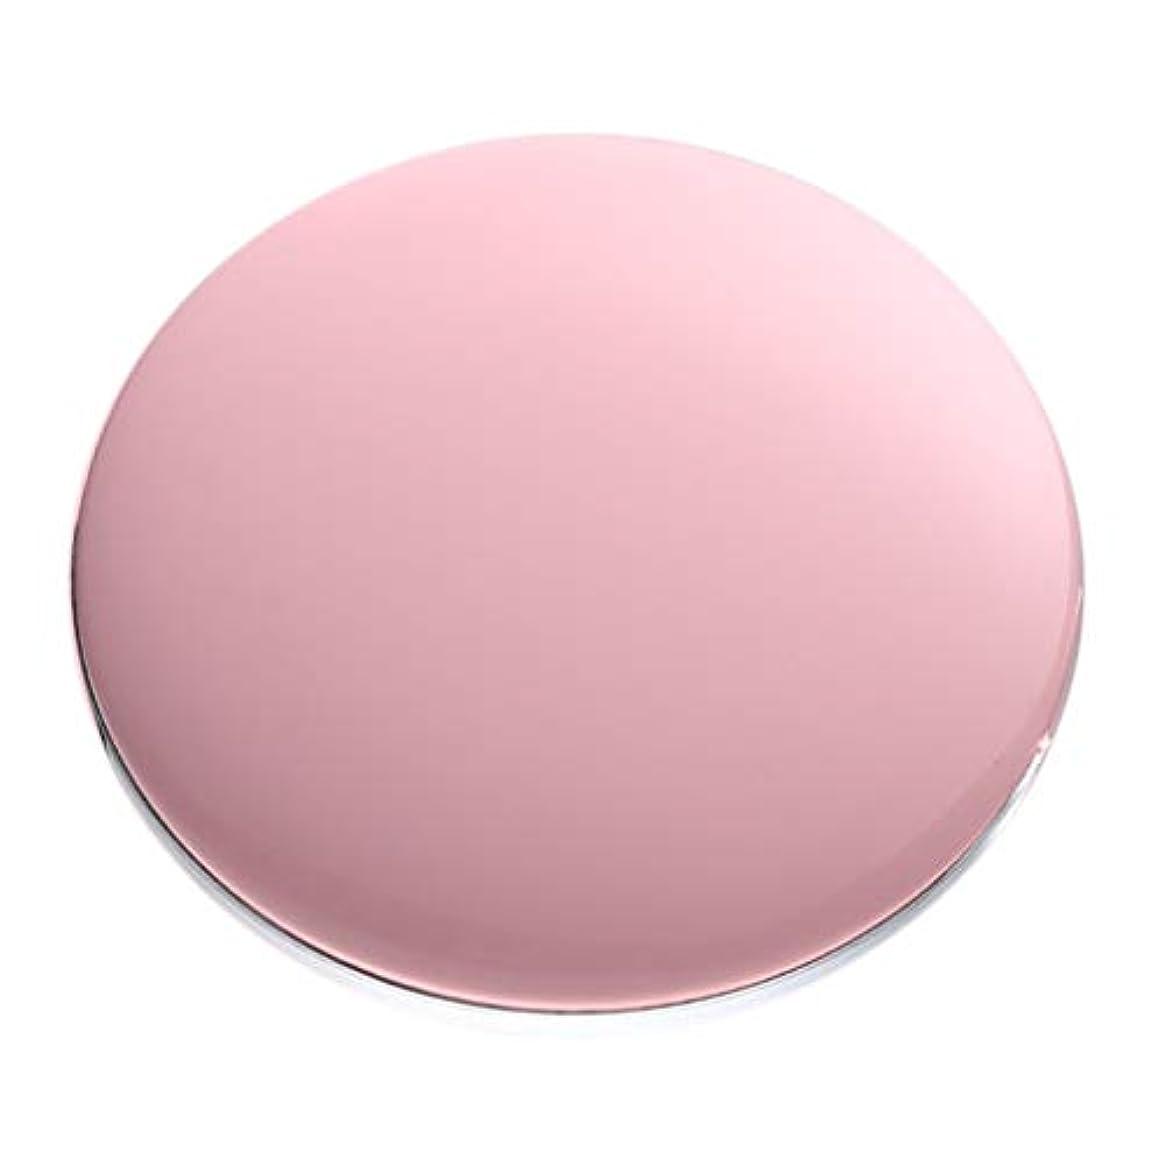 裏切り者思慮深いコンパクトミラー 拡大鏡付き 3倍 LED付き 化粧鏡 携帯ミラー 化粧鏡 手持式 持ち運び 全5色 - ピンク